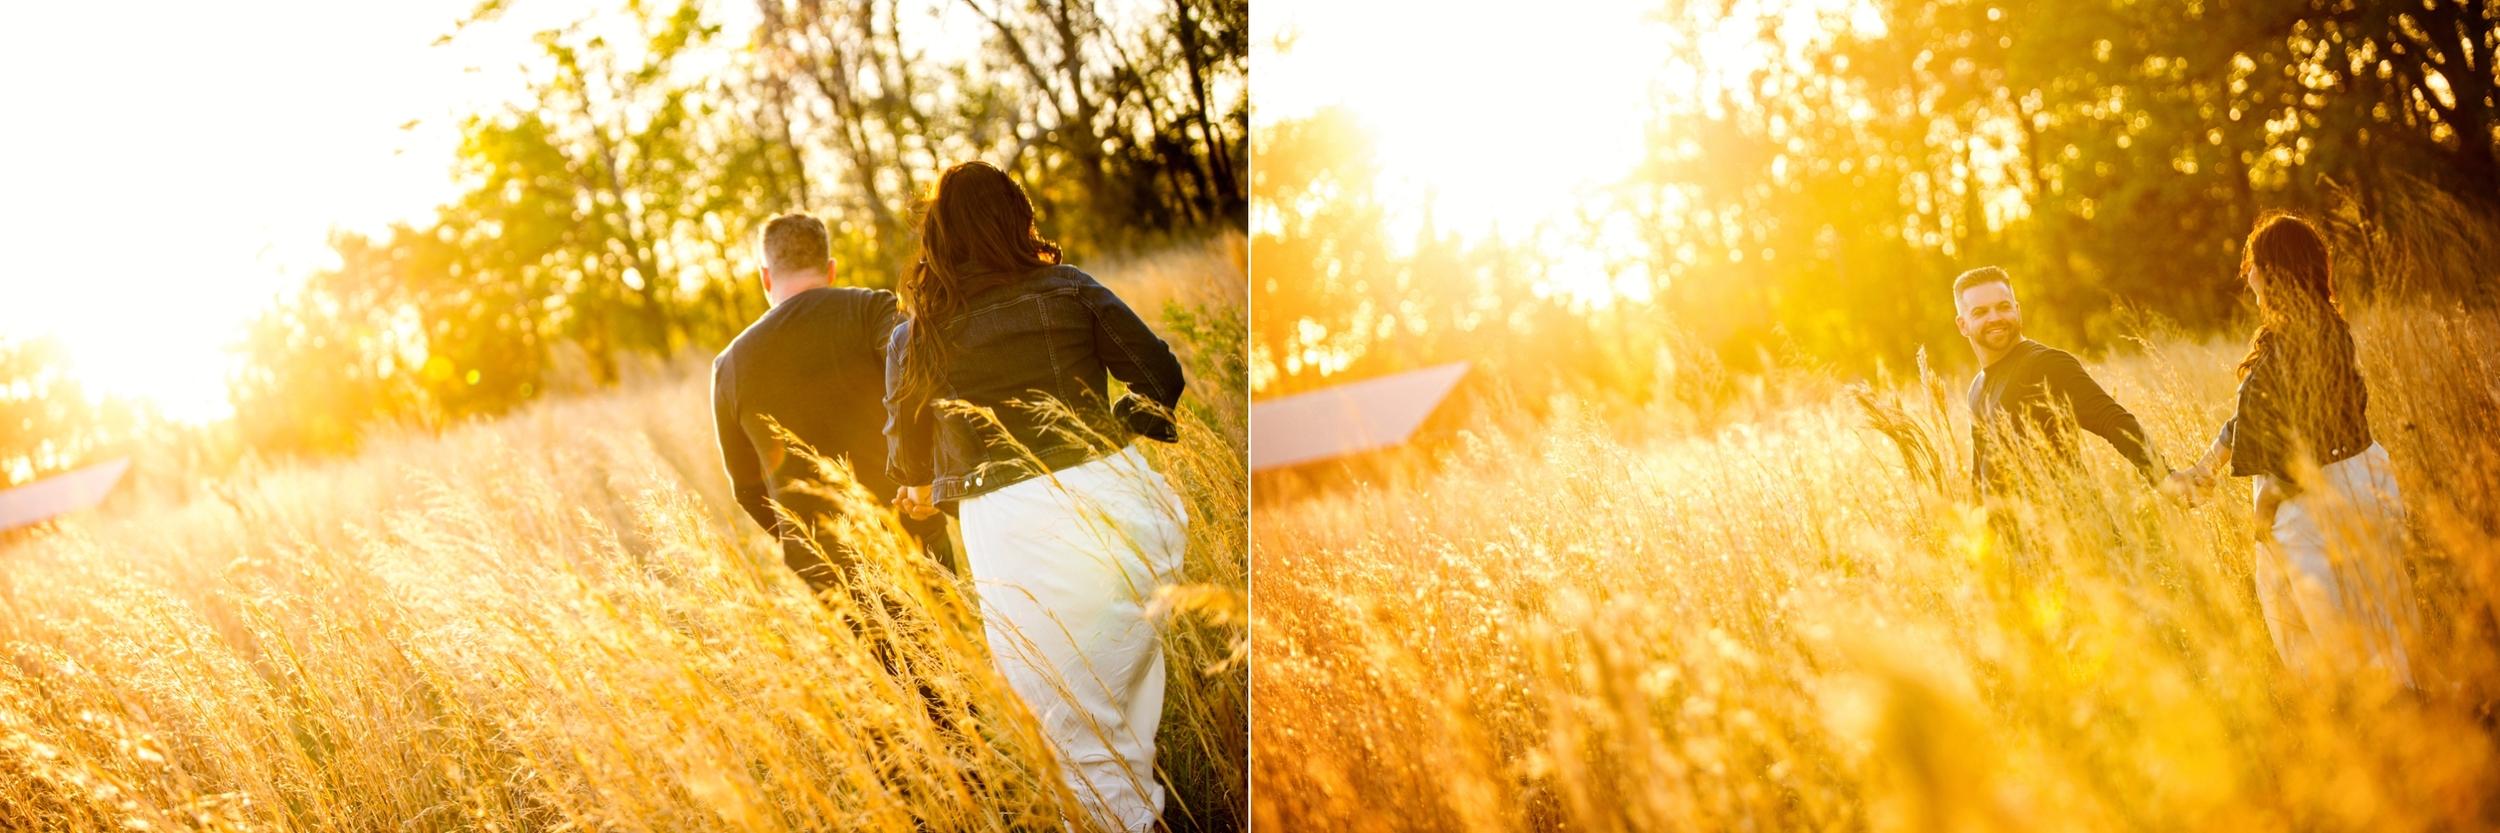 SunsetonafarmEngagement.jpg